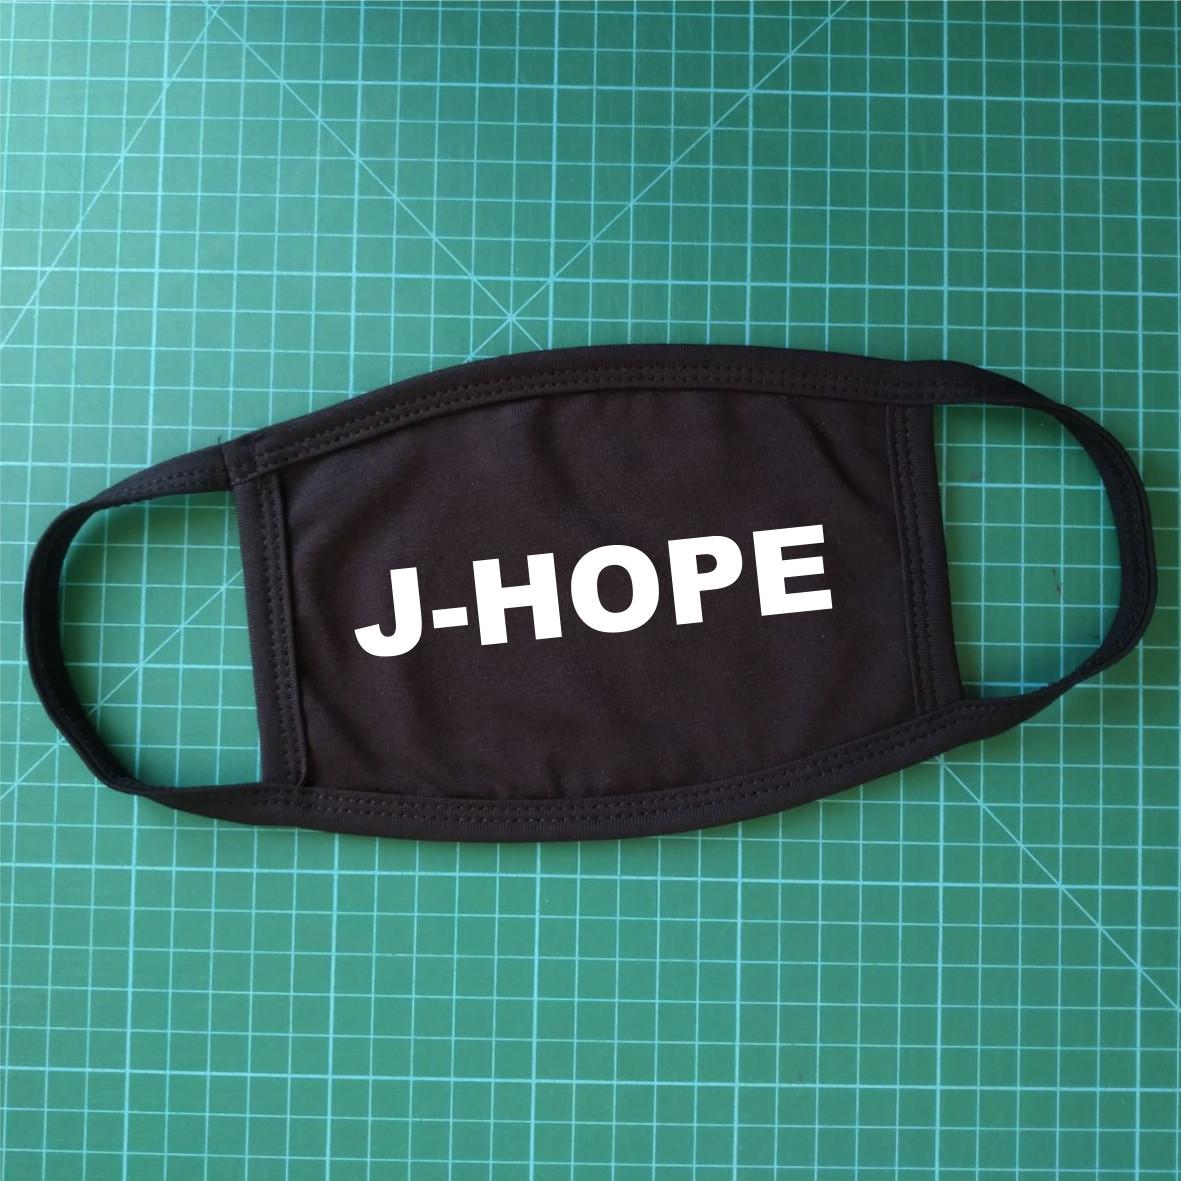 Тканевая сувенирная маска для лица. BTS J-Hope